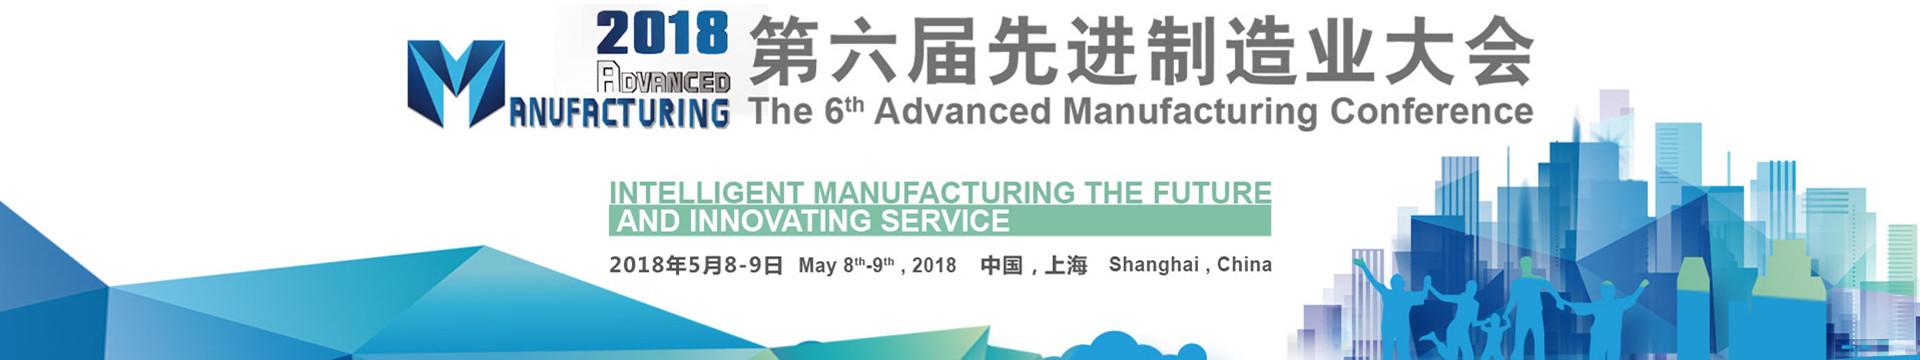 2018(第六届)先进制造业大会